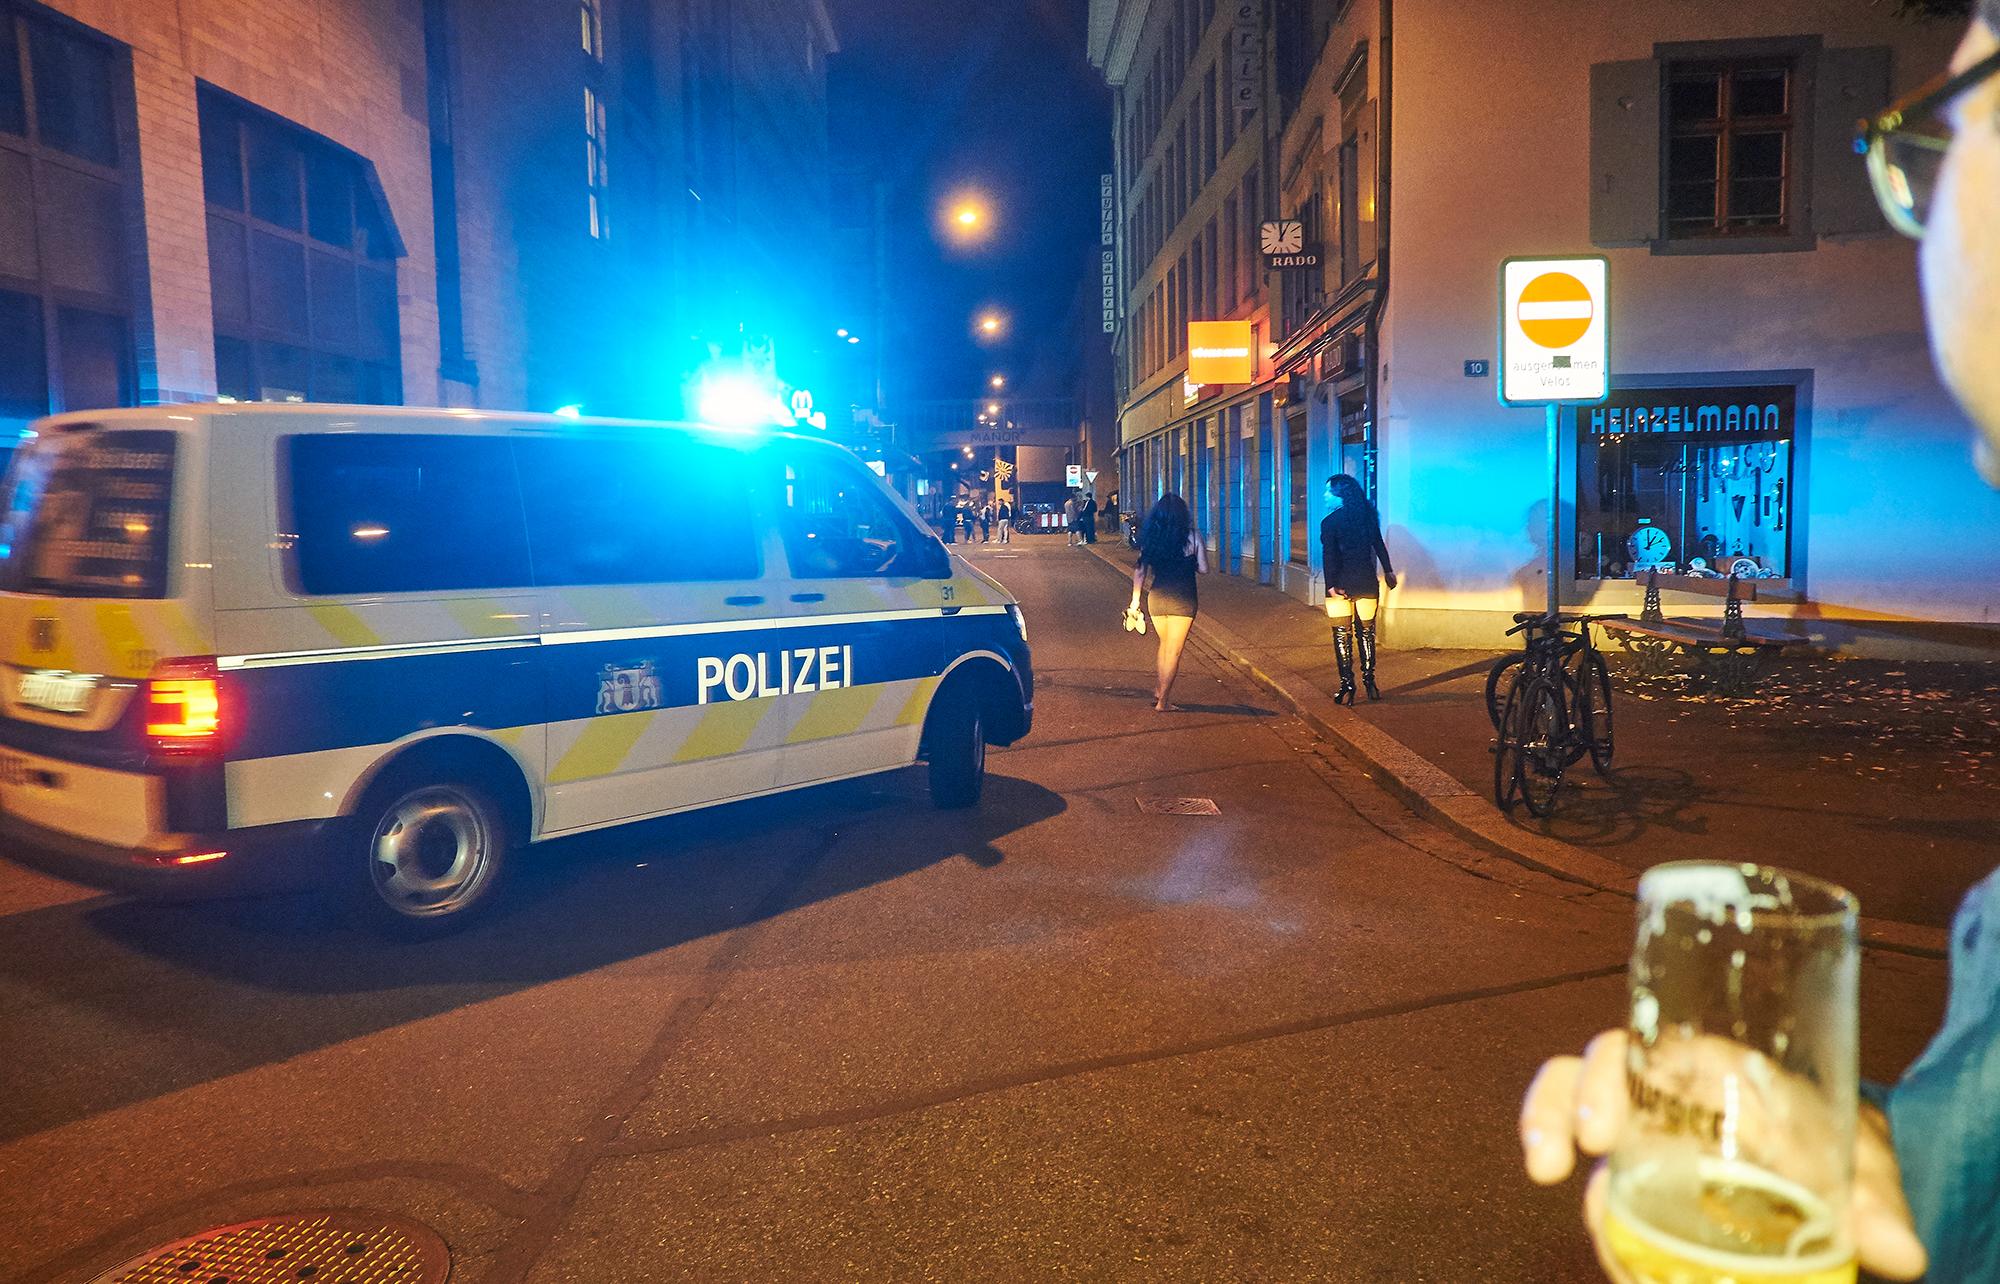 Der Staat sorgt für Ordnung I: Die Polizeimarkiert Präsenz in der Ochsengasse.